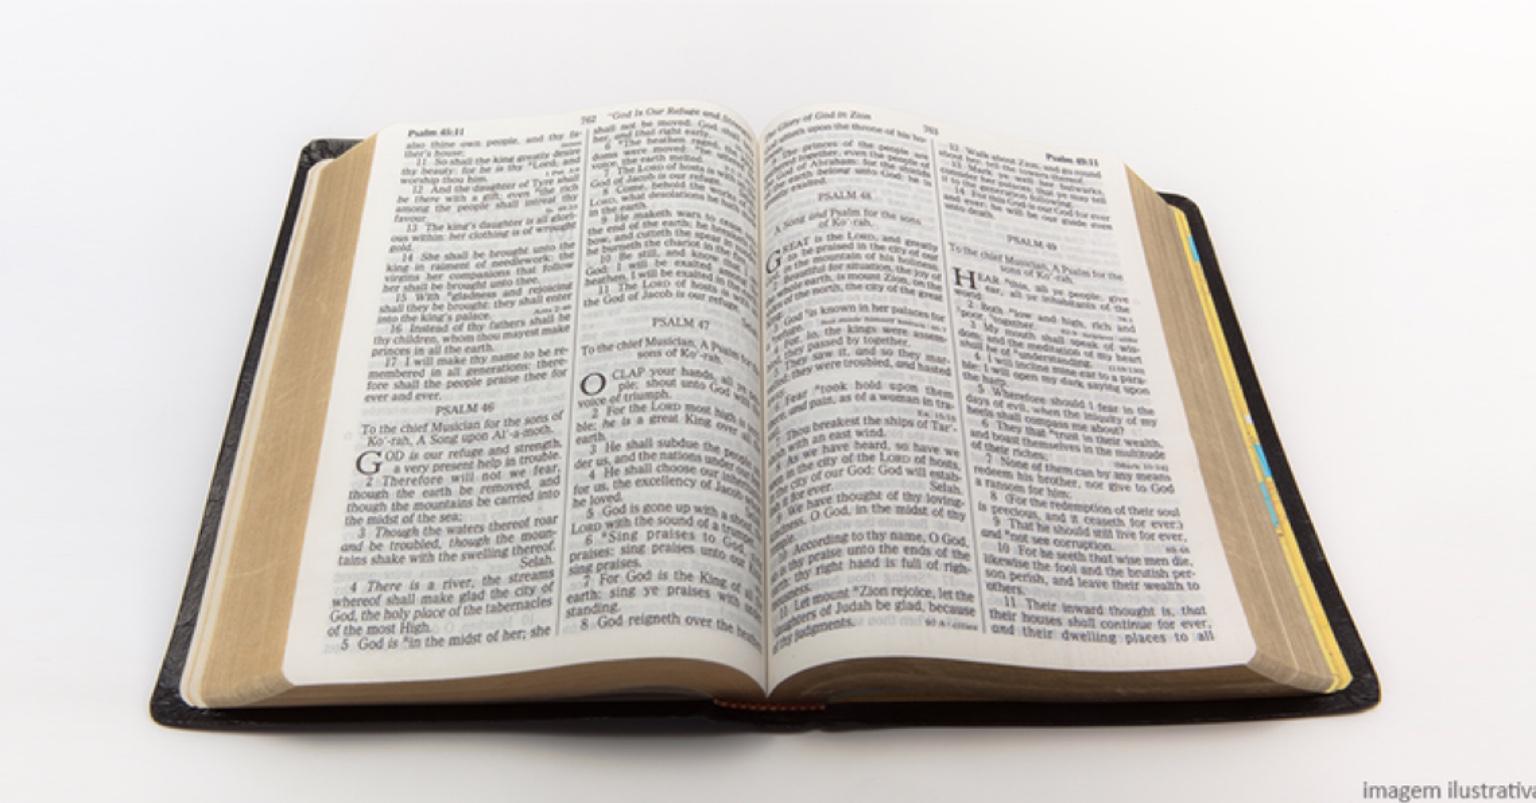 Justiça do Distrito Federal nega liminar para suspender obras do Museu da Bíblia